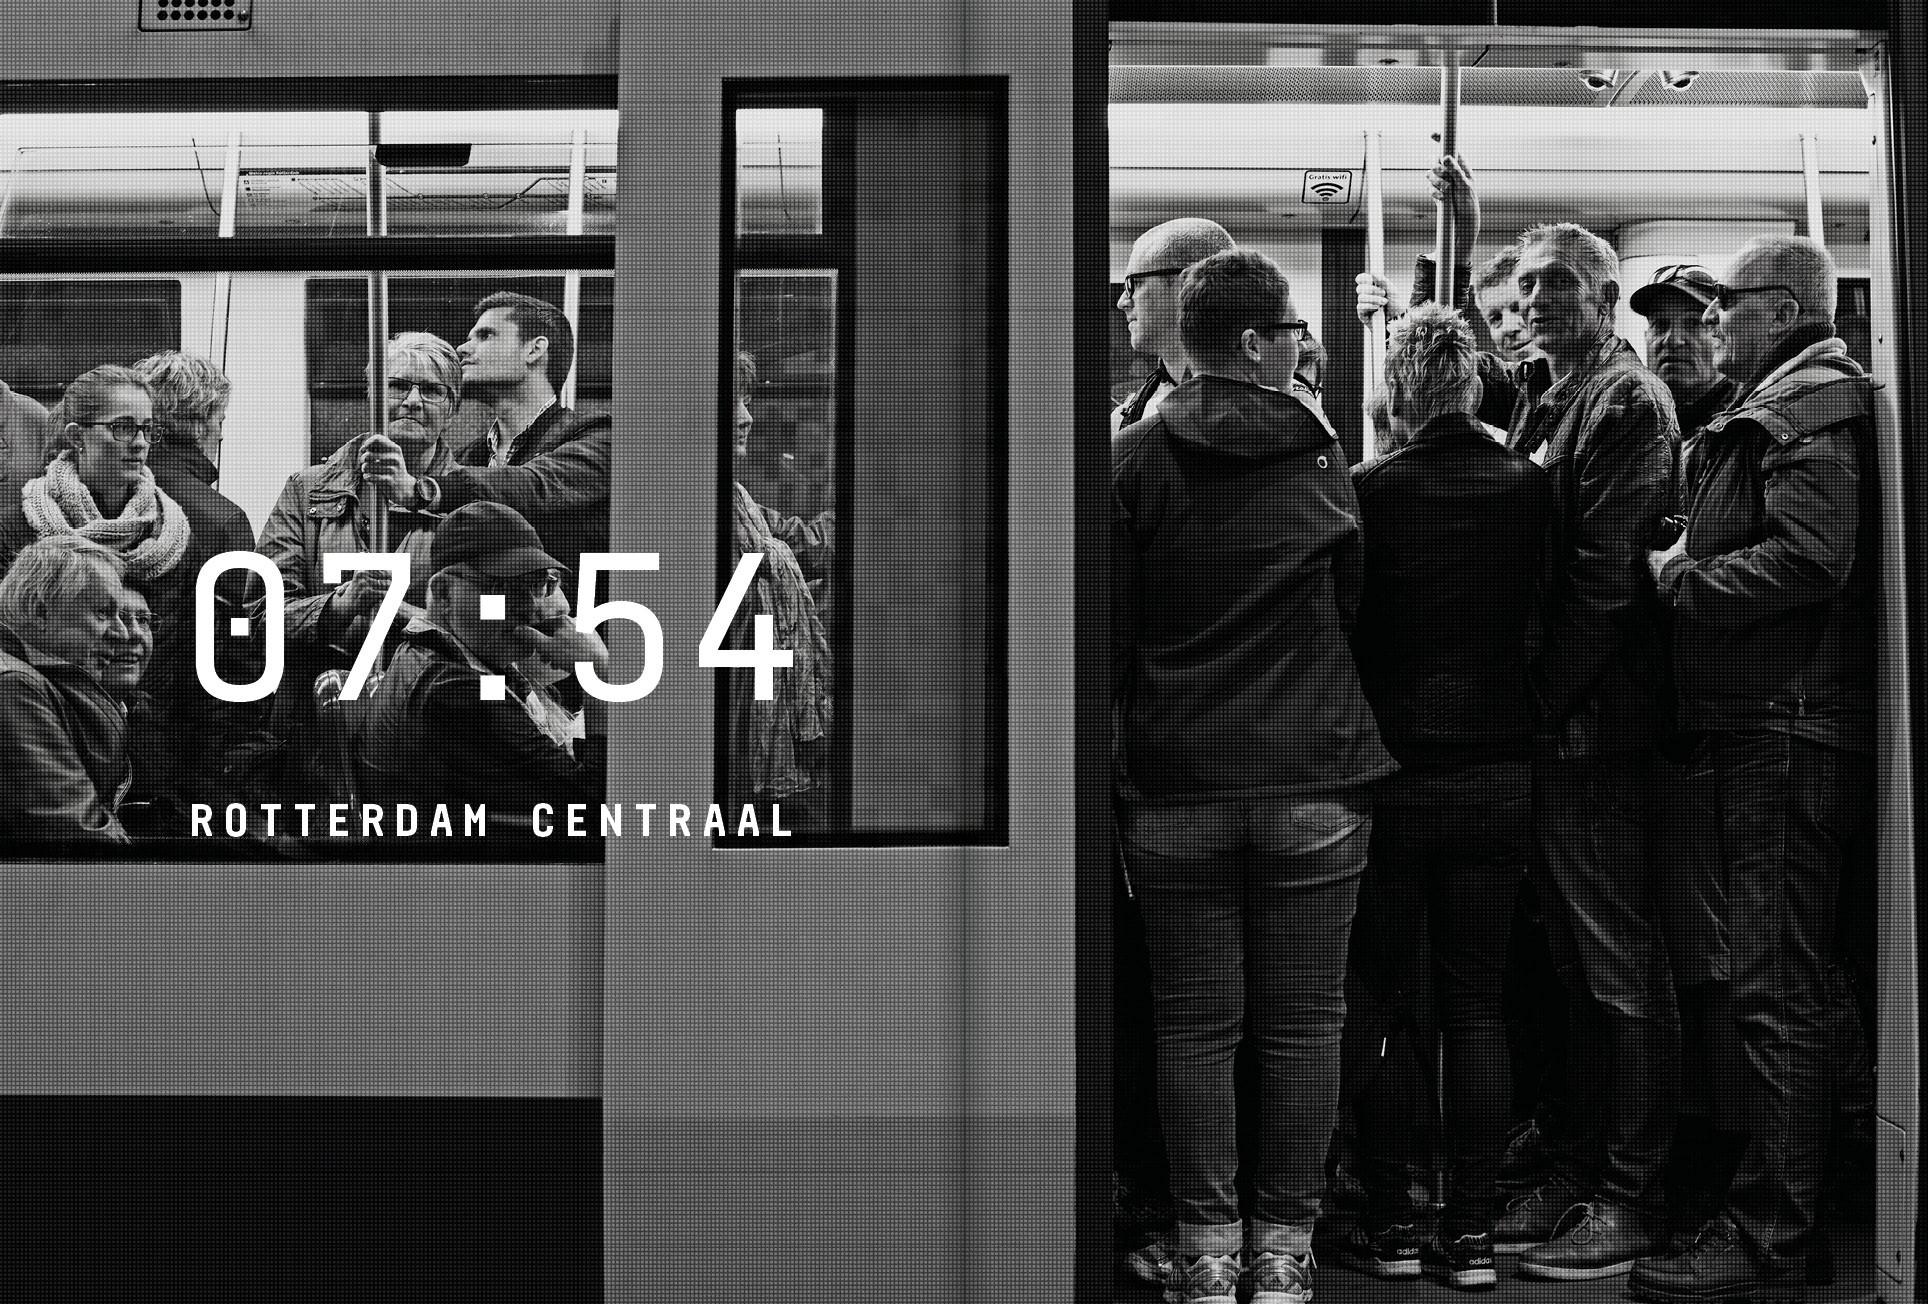 Uitgeverij Diafragma - CHECK-IN CHECK-UIT Rotterdams Openbaarvervoerbedrijf RET, carel van hees, sanneke van hassel, RET, fotografie, fotograaf, Rotterdam, stadsfotografie, fotografie, straatbeelden, Uitgeverij Diafragma, Rotterdams openbaarvervoerbedrijf, Rotterdams openbaarve